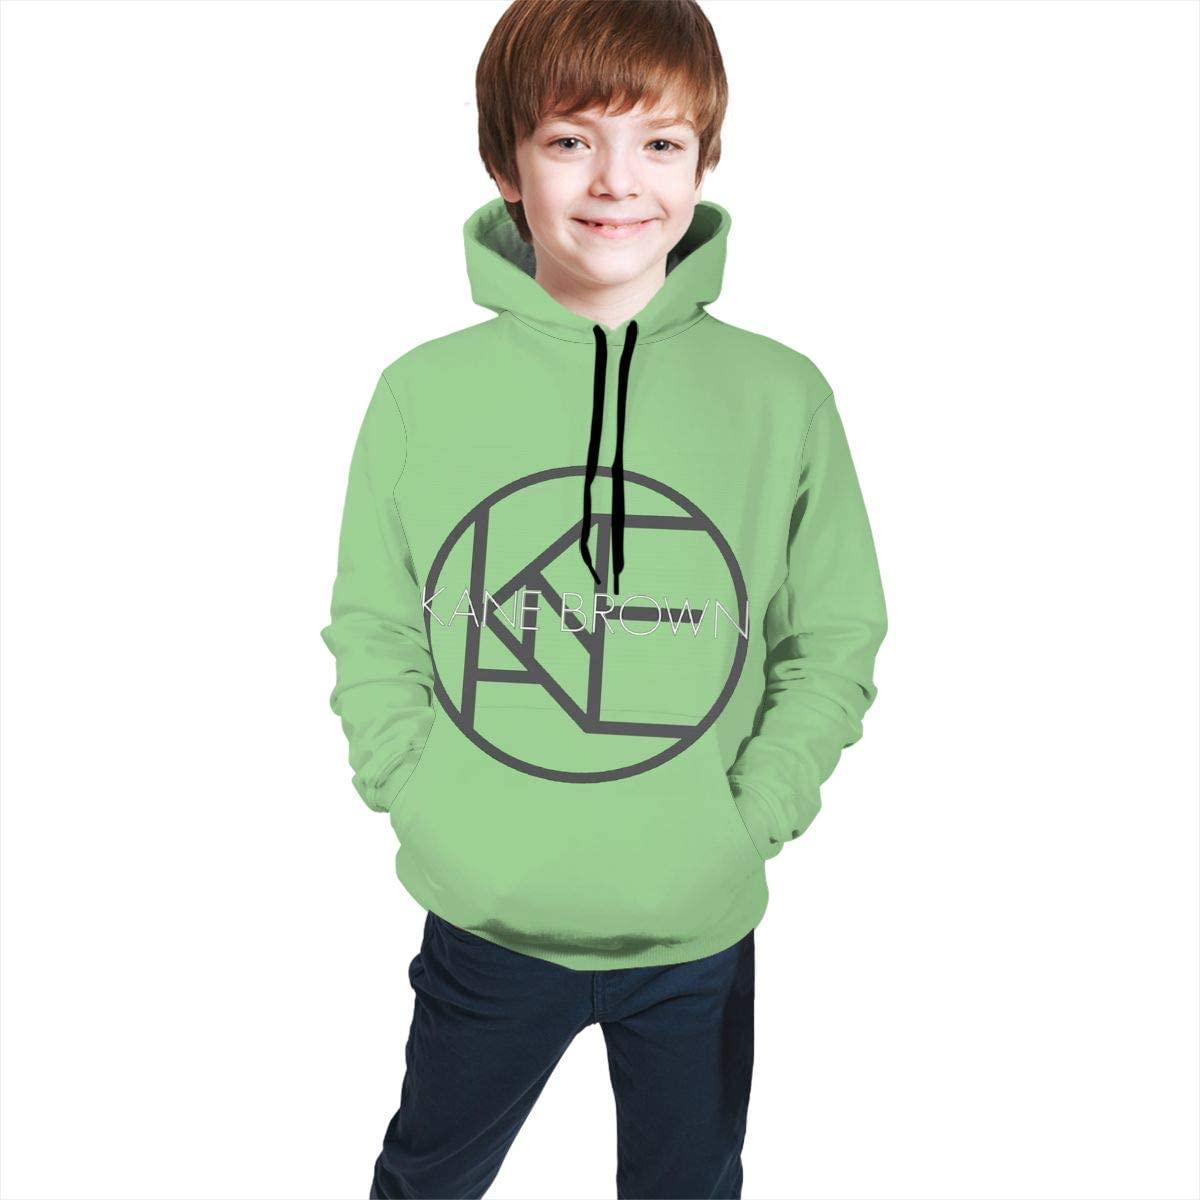 Girls Personality Long Sleeves Hoodies,Boys Casual Blouse Top,Teenage Kane Brown Sweatshirt with Pocket